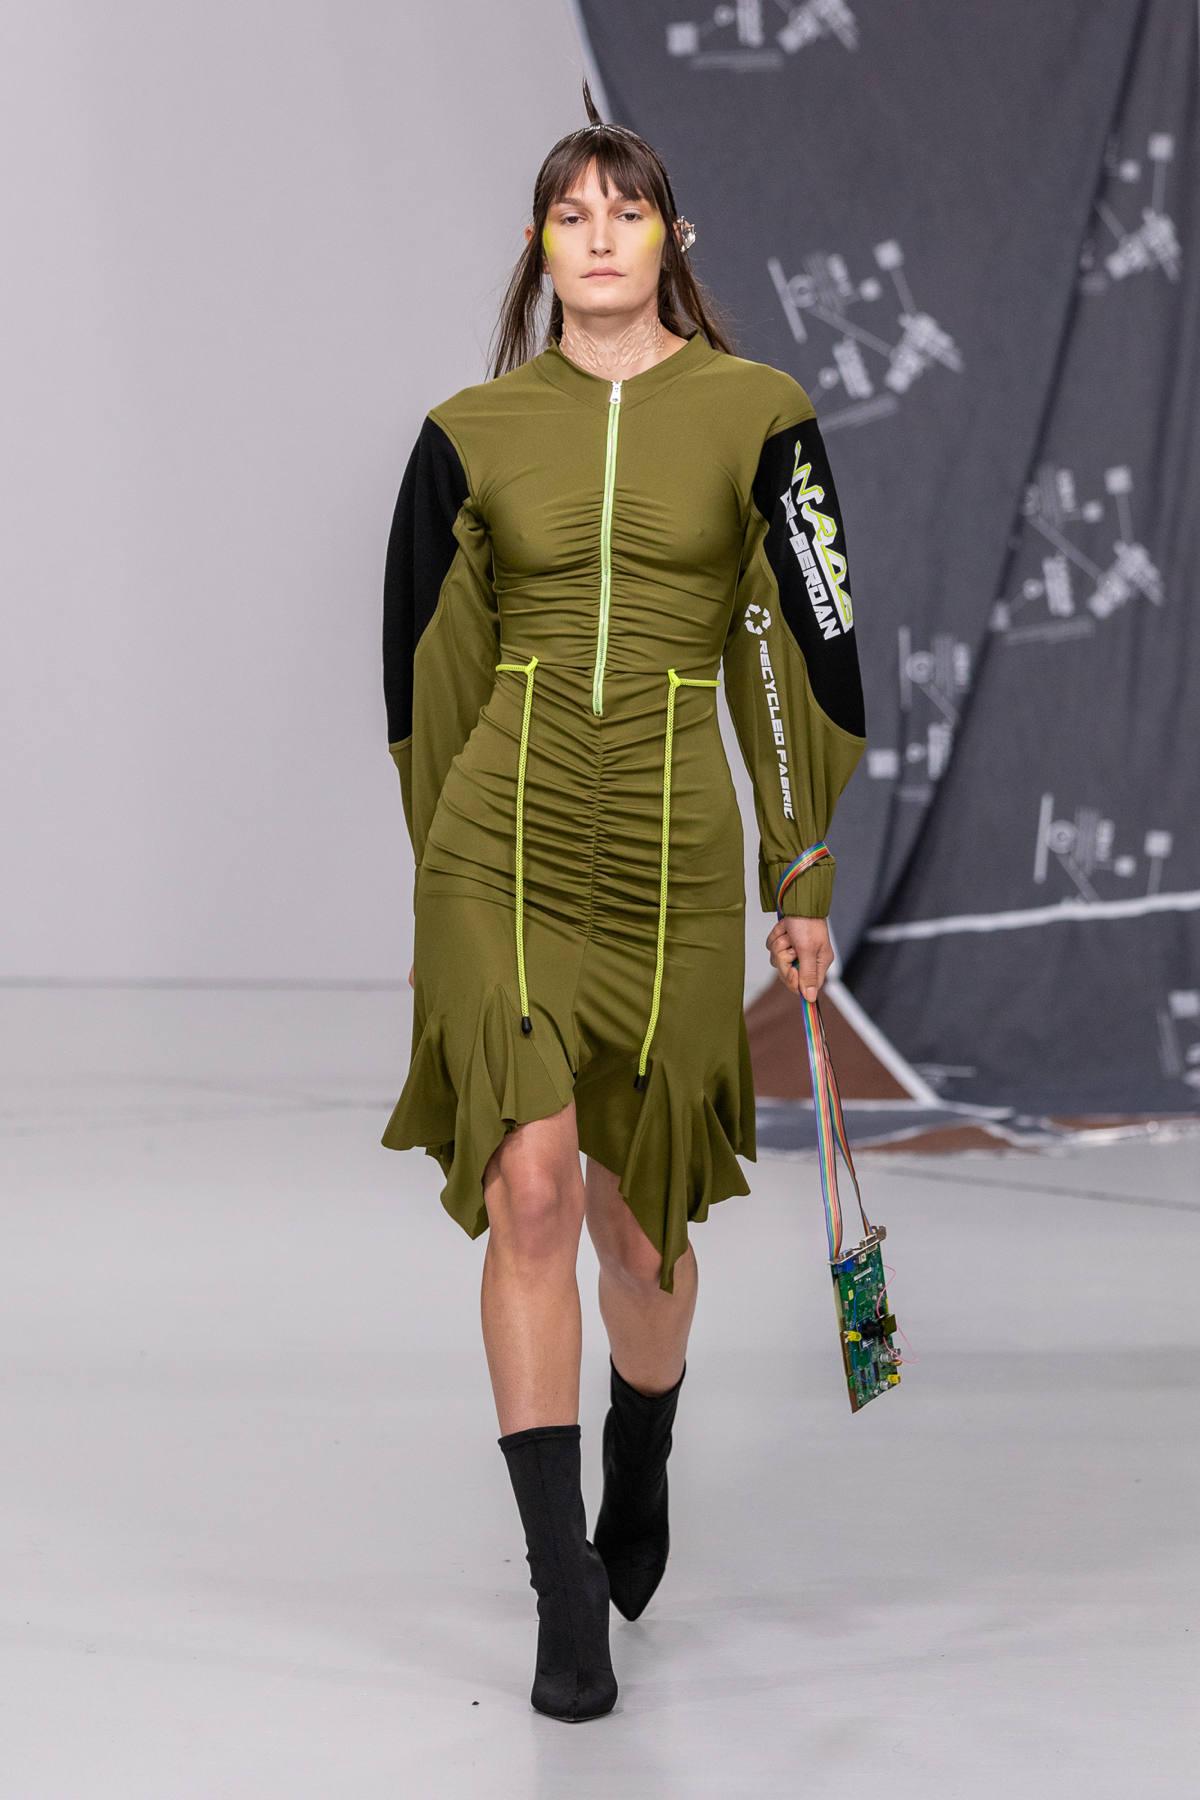 inclusivity, db berdan, london fashion week, sustainability in london fashion week, vitoria house, diversity, style aw 2020 2021, sustainable fashion, ethical fashion, luxiders magazine, sustainable luxury